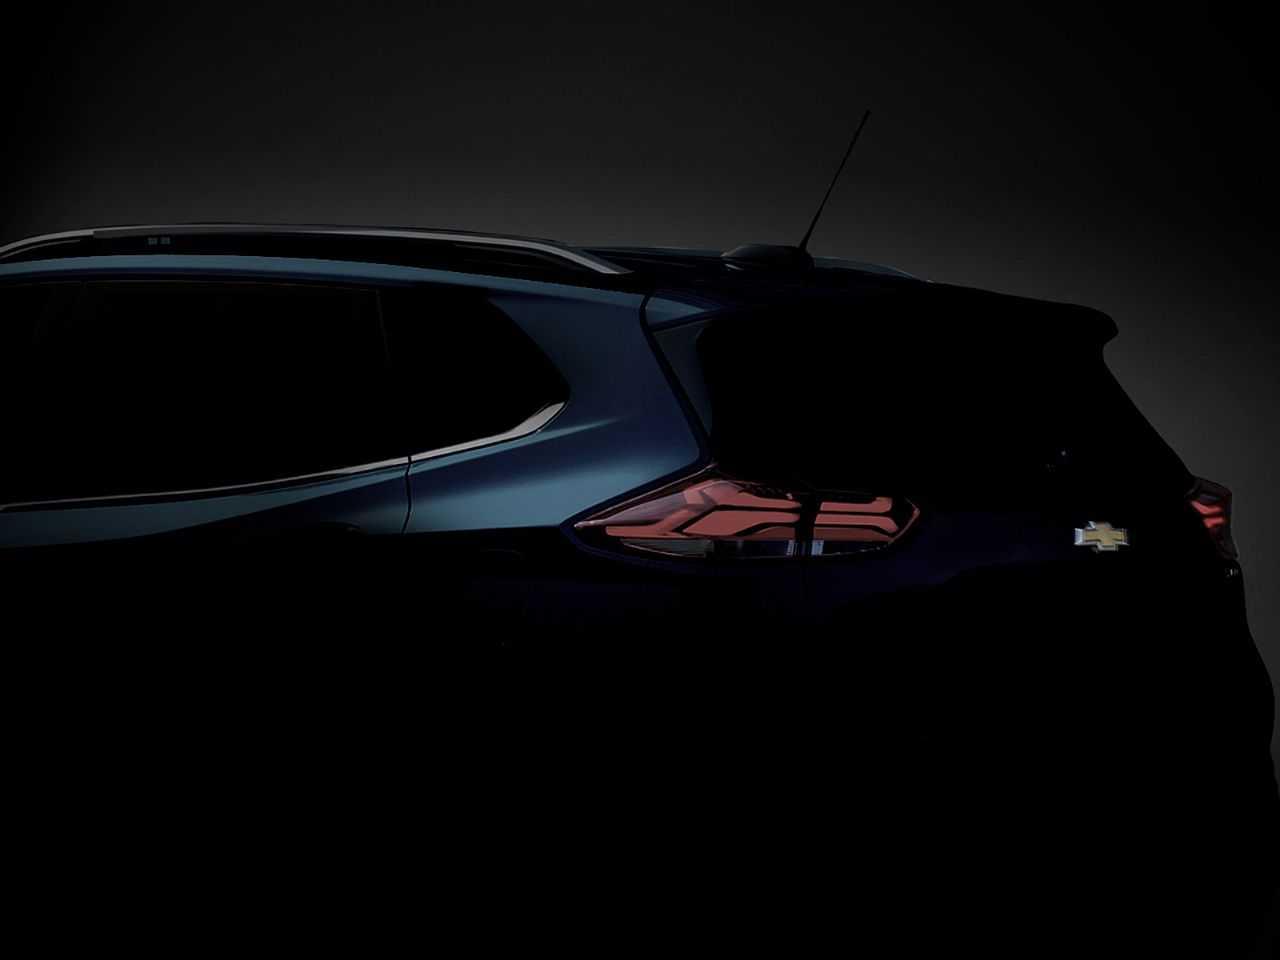 Detalhe da lanterna do novo Tracker com iluminação por LED